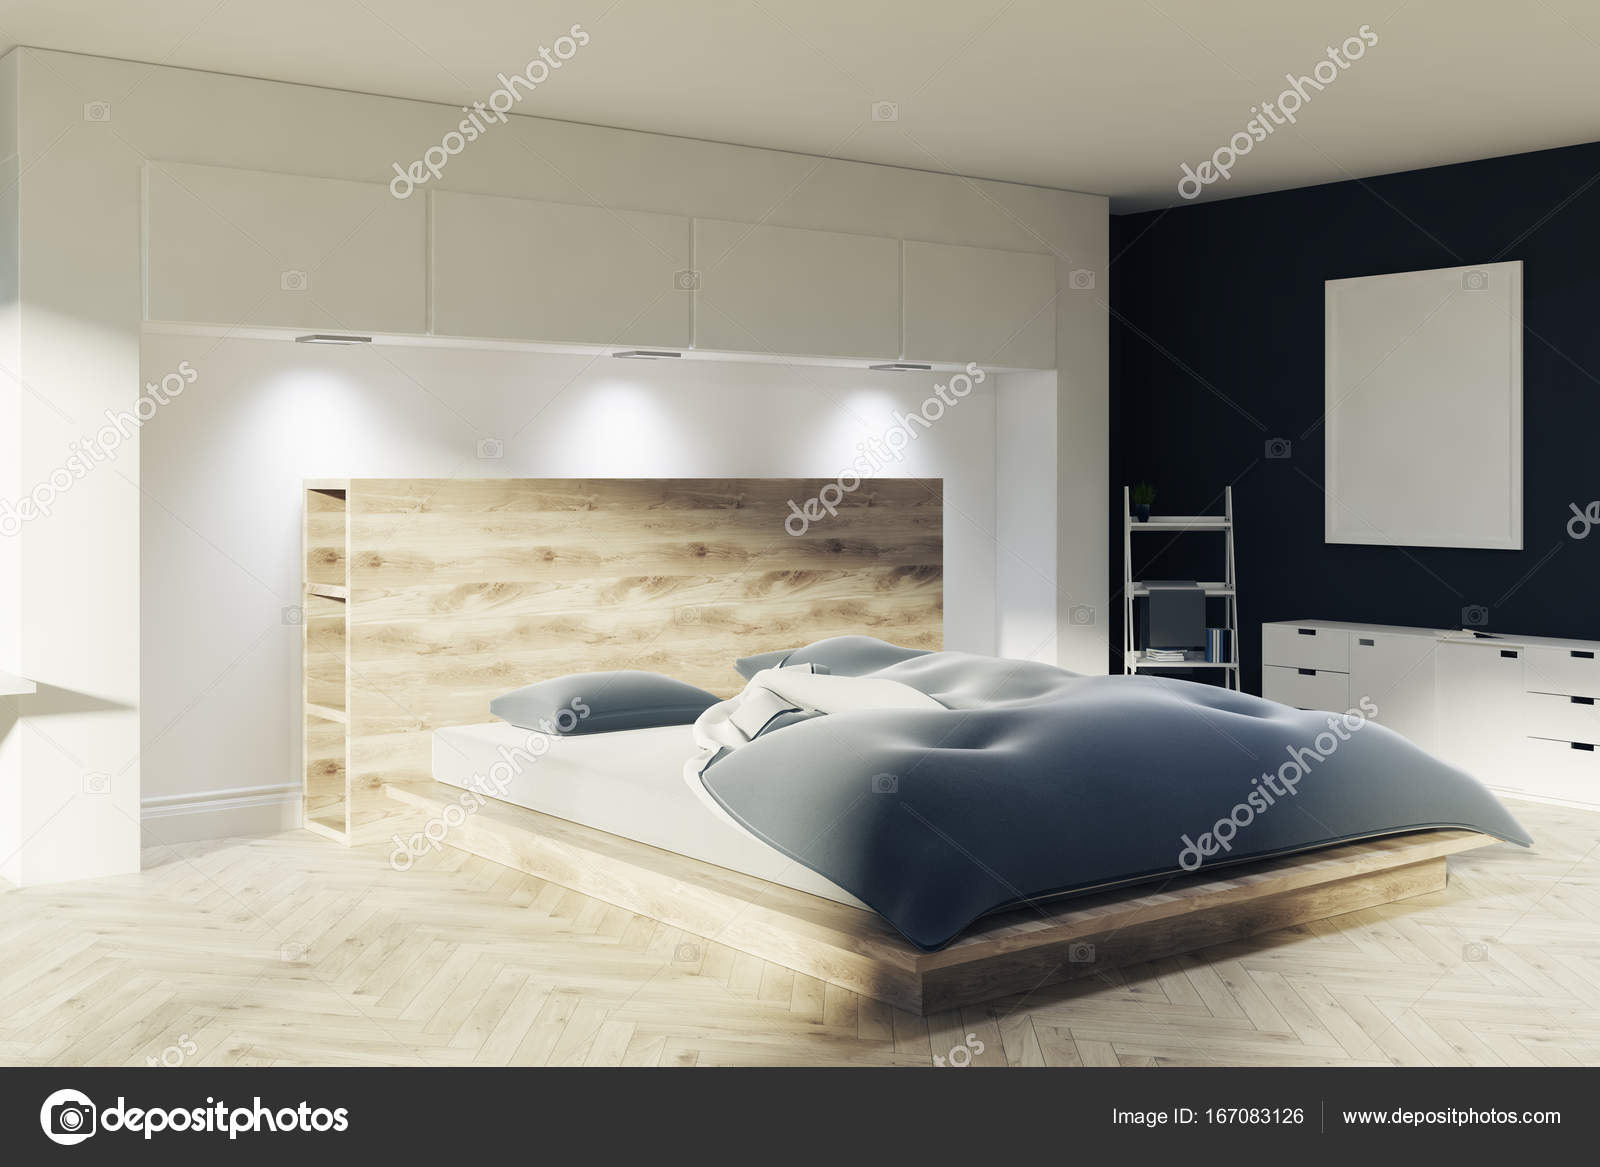 Camera Da Letto Bianco E Nero : Bianco e nero camera da letto un poster u2014 foto stock